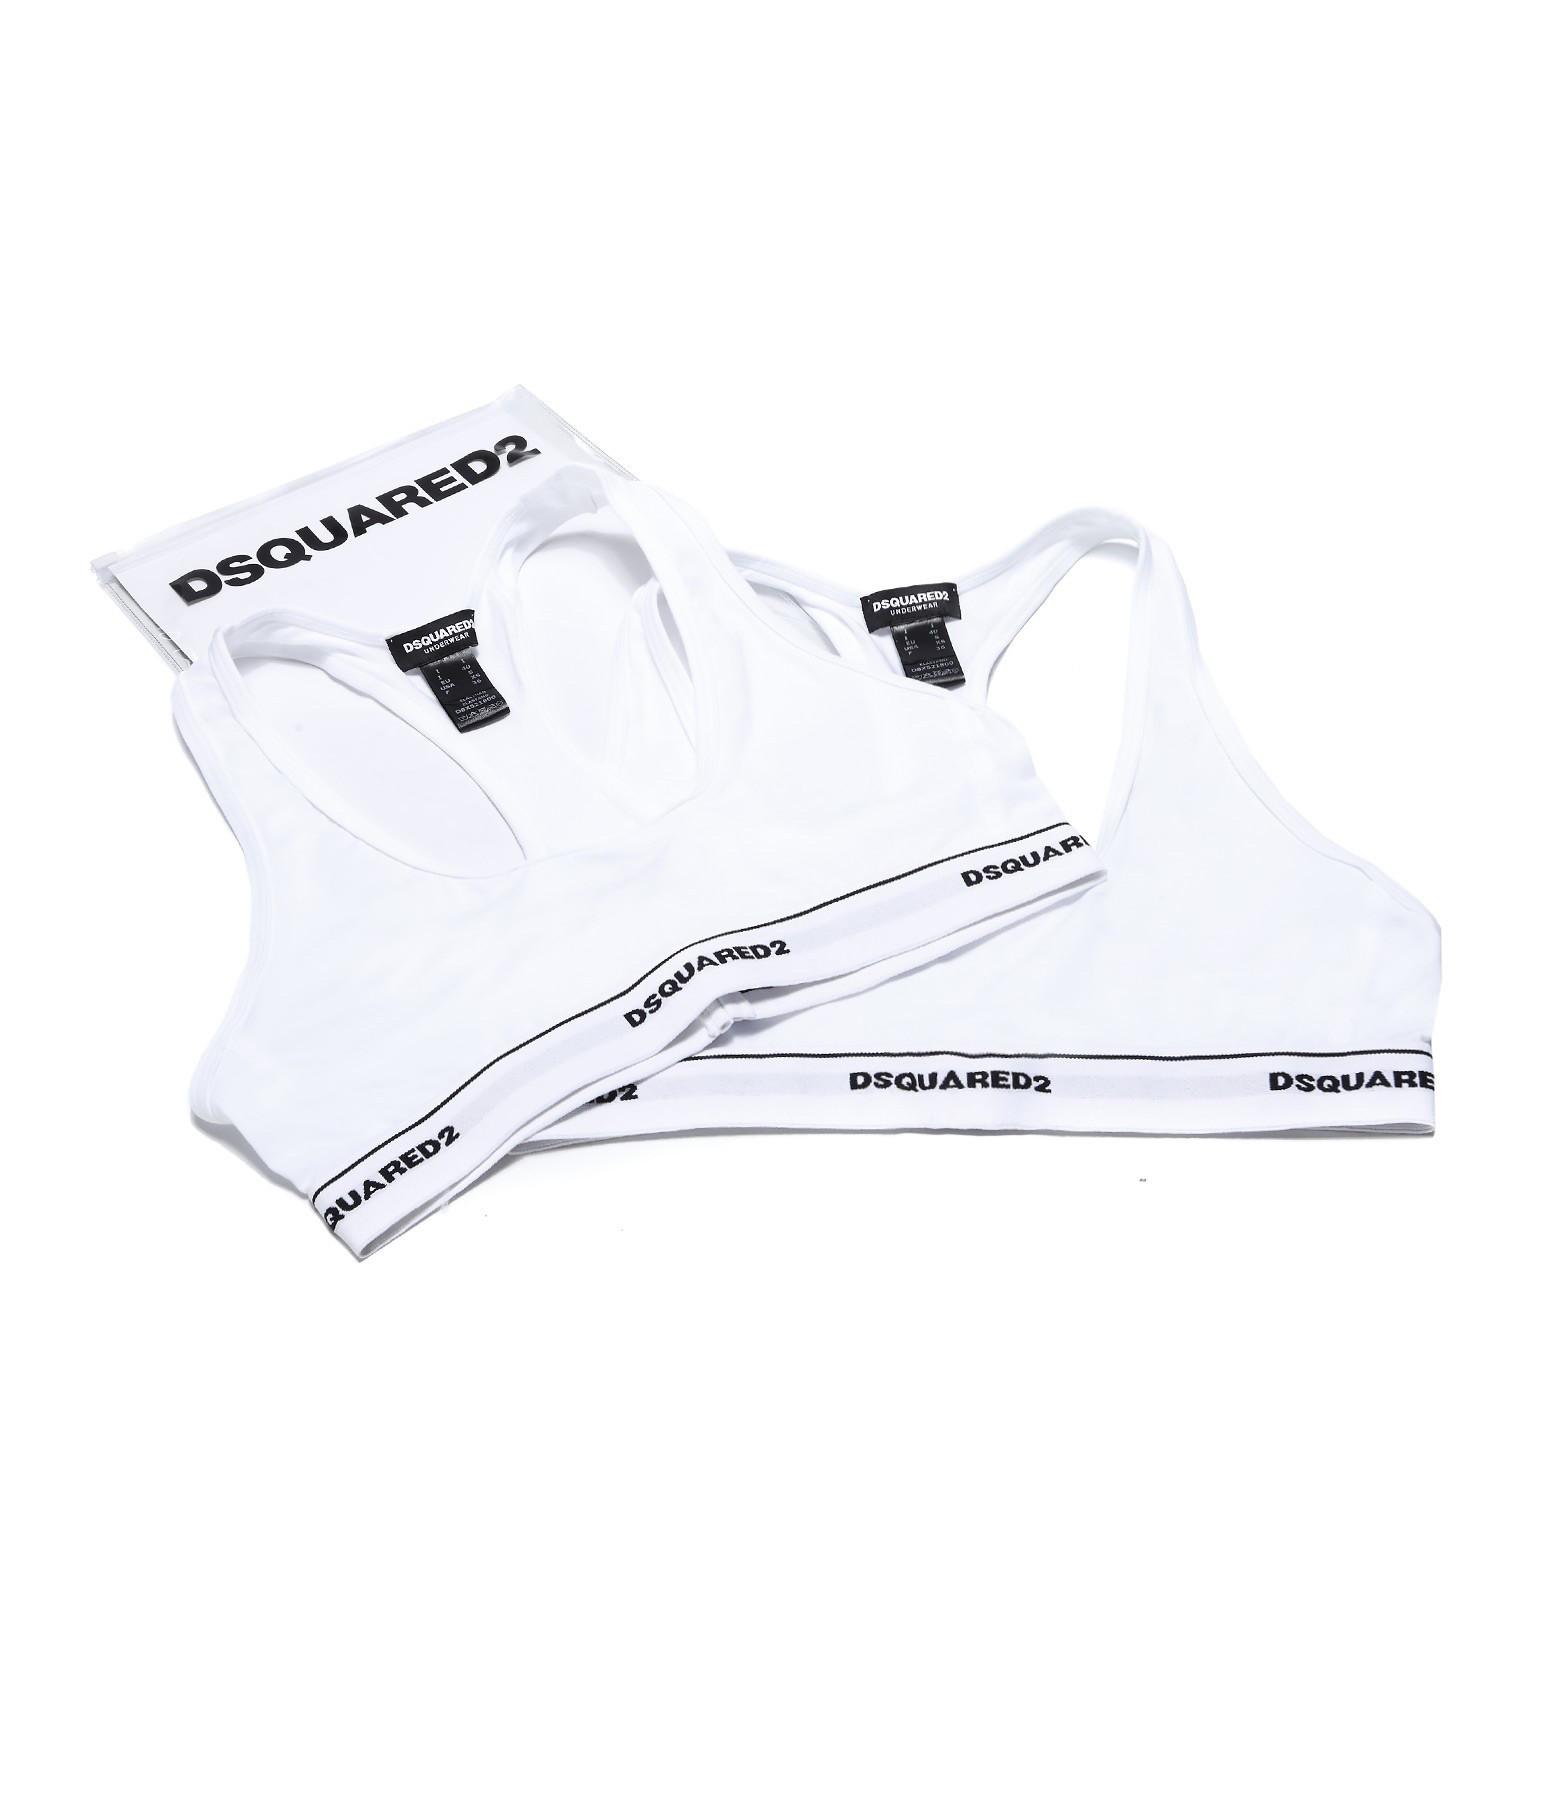 DSQUARED² - Pack 2 Soutien-gorge Sport Coton Blanc